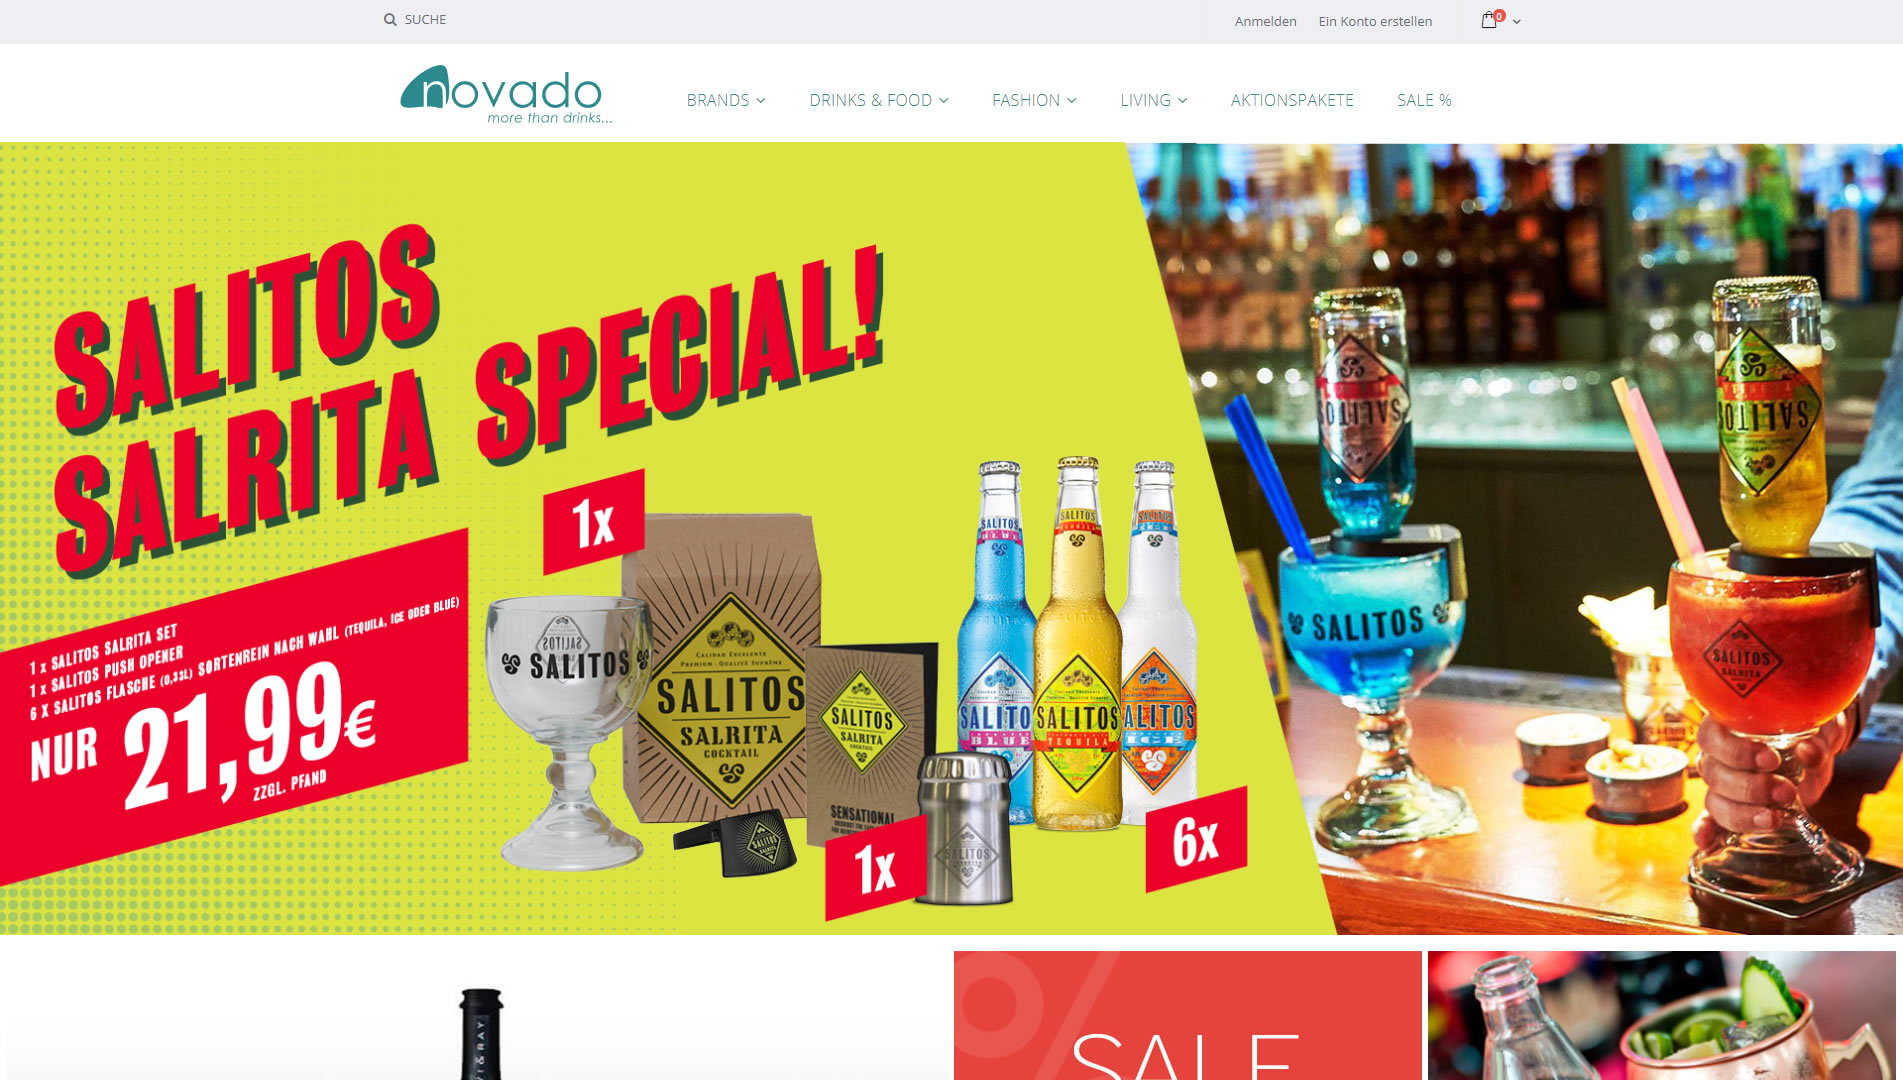 Magento 2 für den novado Online-Shop | Delta Media